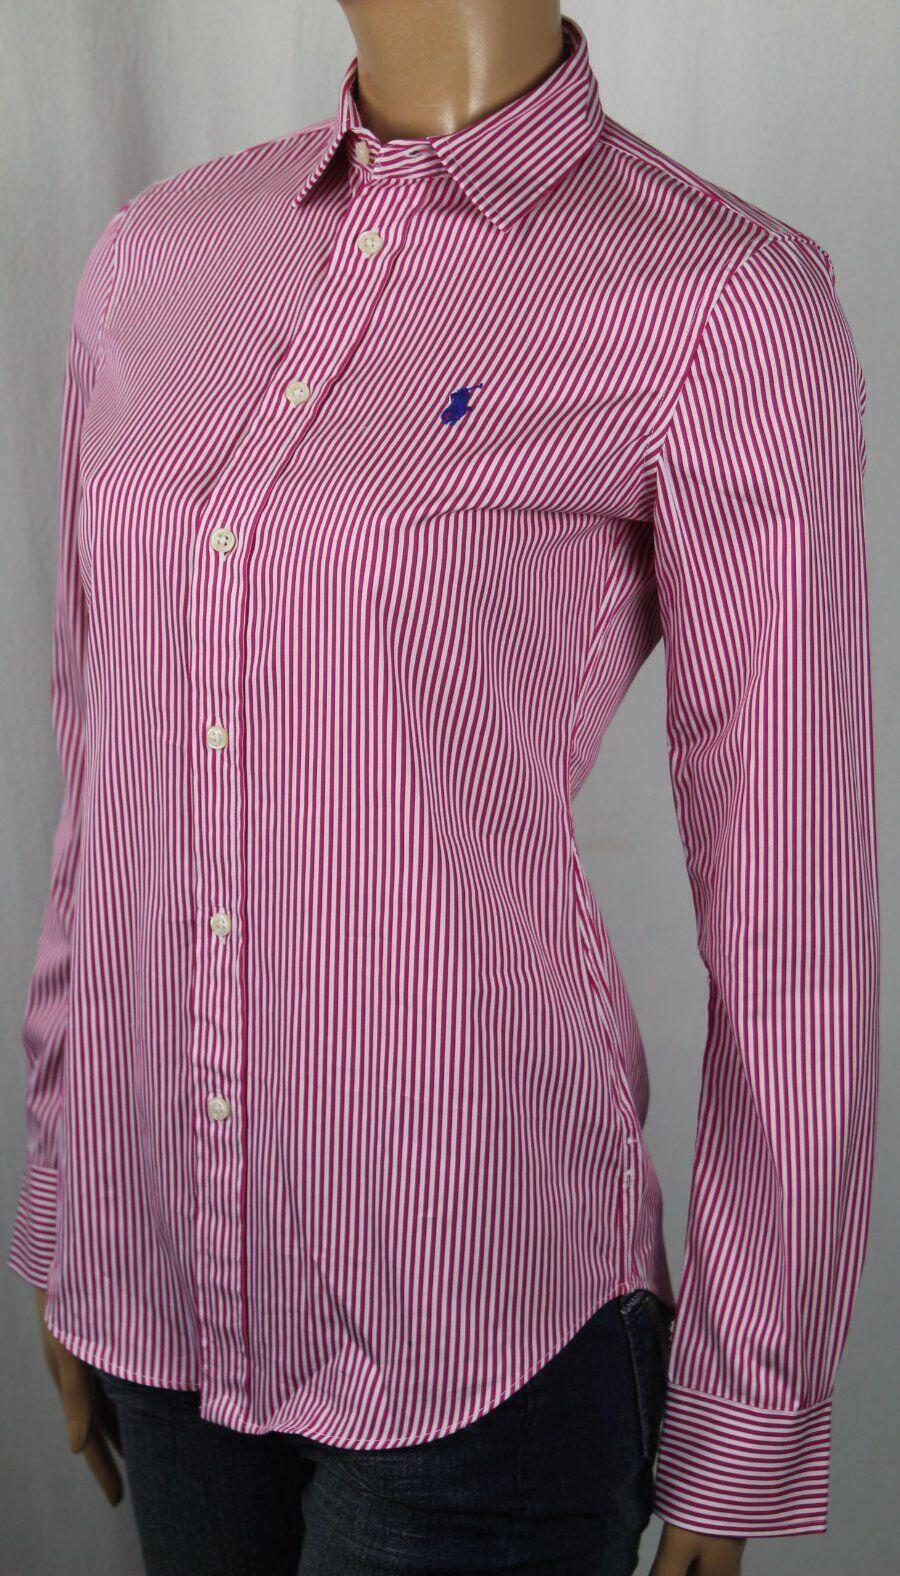 Ralph Lauren Rosa Streifen Modern Geschnitten Blause Hemd Nwt